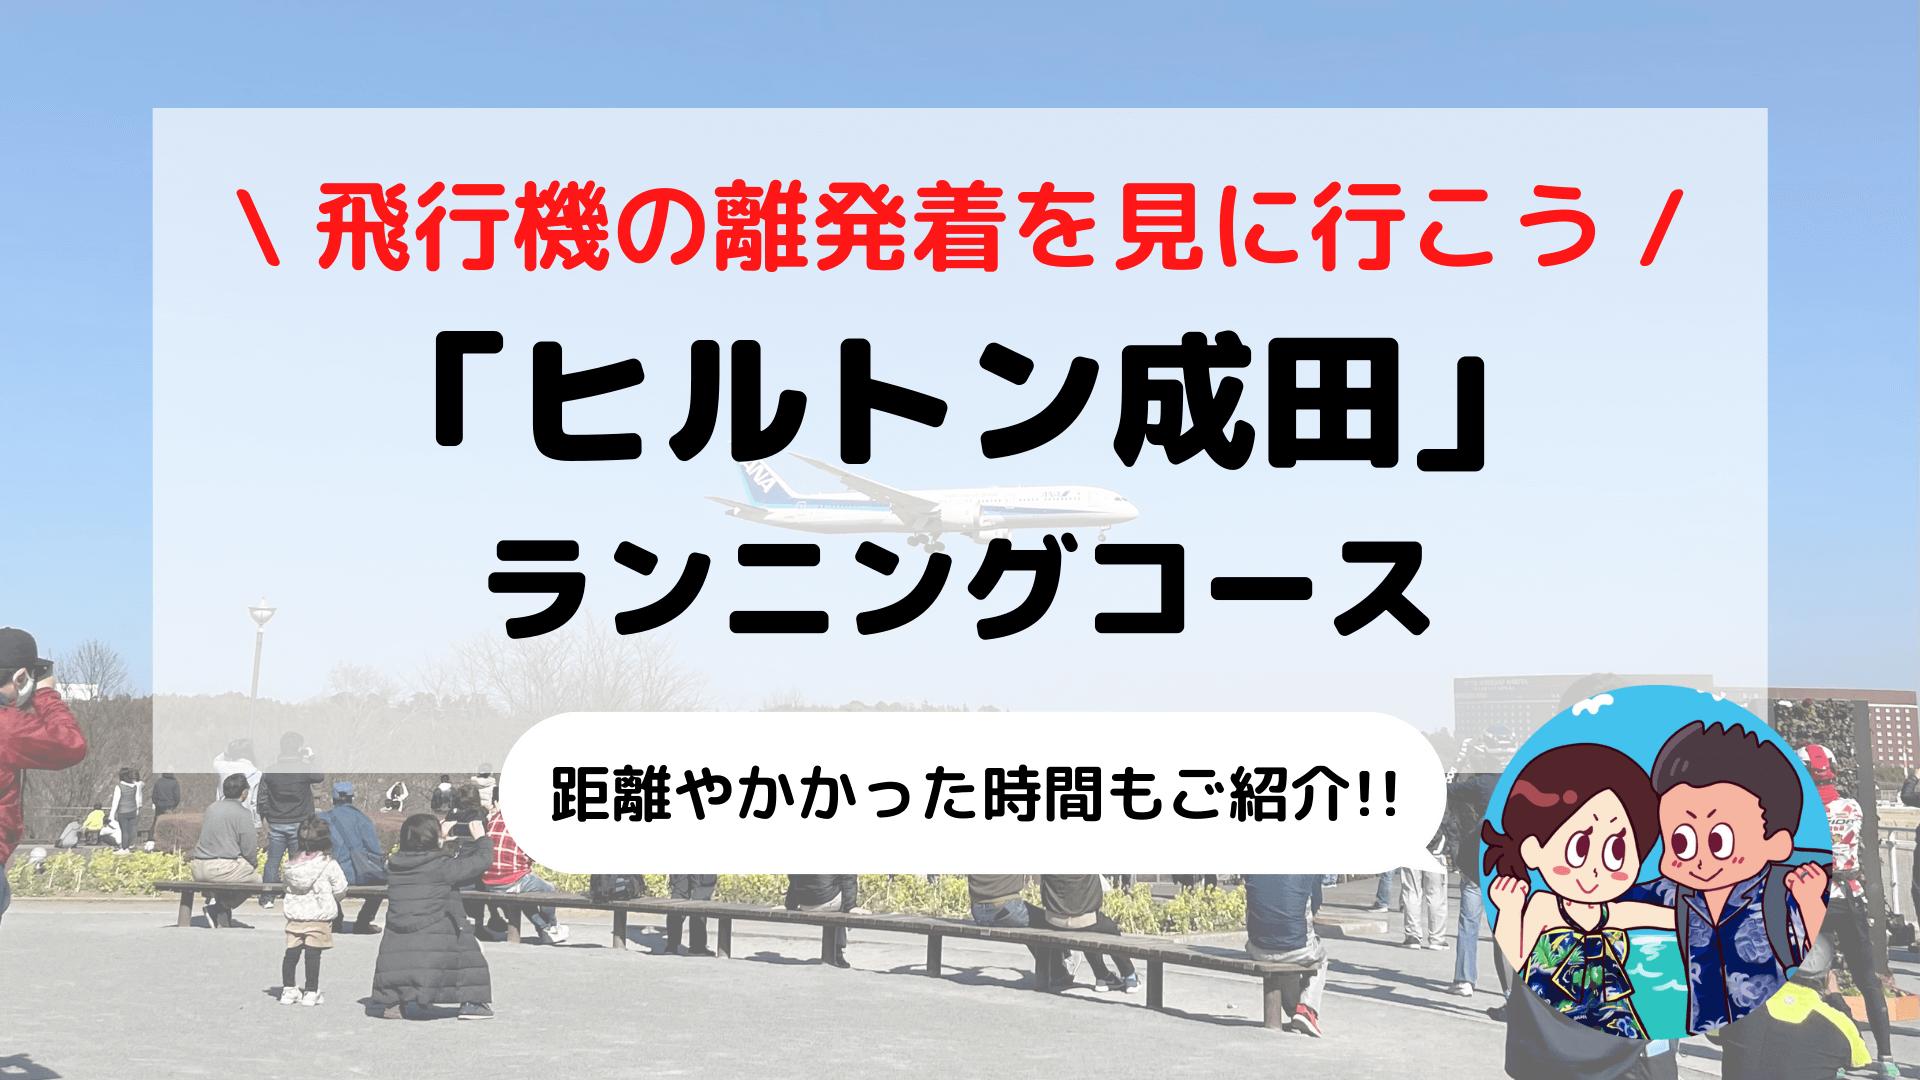 【旅ラン】ヒルトン成田周辺ランニング さくらの山公園に飛行機の離発着を見に行こう